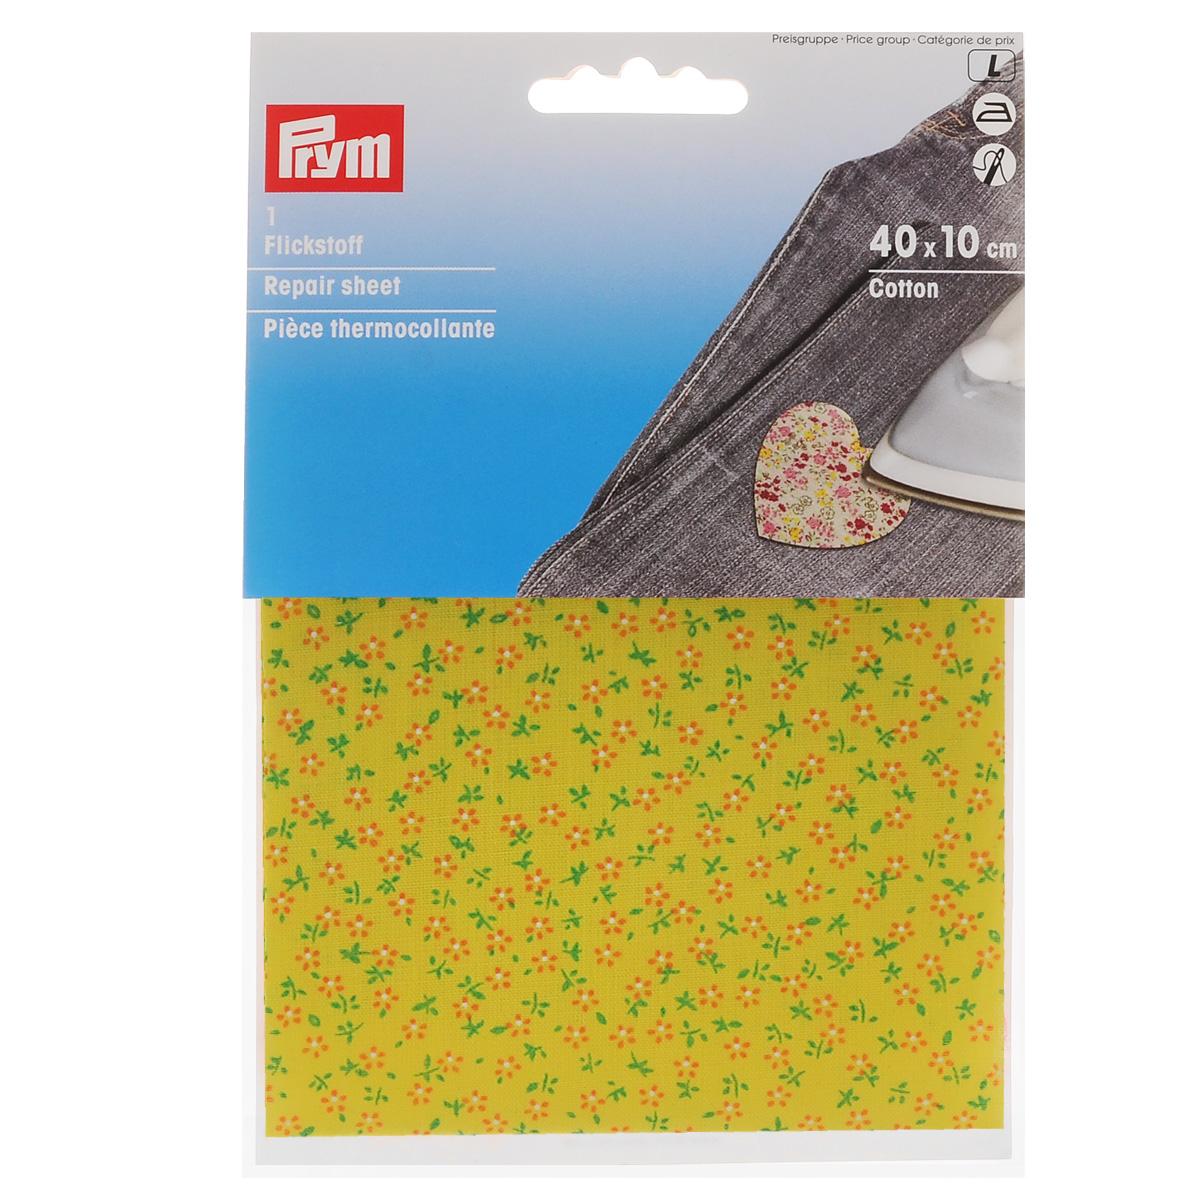 Термоткань для заплаток Prym Цветы, цвет: желтый, зеленый, 40 см х 10 см929437Термоткань Prym Цветы, изготовленная из 100% хлопка и оснащенная с обратной стороны клеевым слоем, используется в качестве заплаток. С помощью нее вы сможете быстро и без труда заделать дырку в джинсах, шортах и пр. Обрежьте края дырки от лишних ниток, прогладьте их утюгом, приложите заранее отрезанный кусок термоткани нужного размера и как следует прогладьте ткань не менее 12 секунд. Для дополнительной прочности ткань можно еще и настрочить. С термотканью Prym Цветы ваши вещи приобретут яркий и креативный дизайн. Размер: 40 см х 10 см.